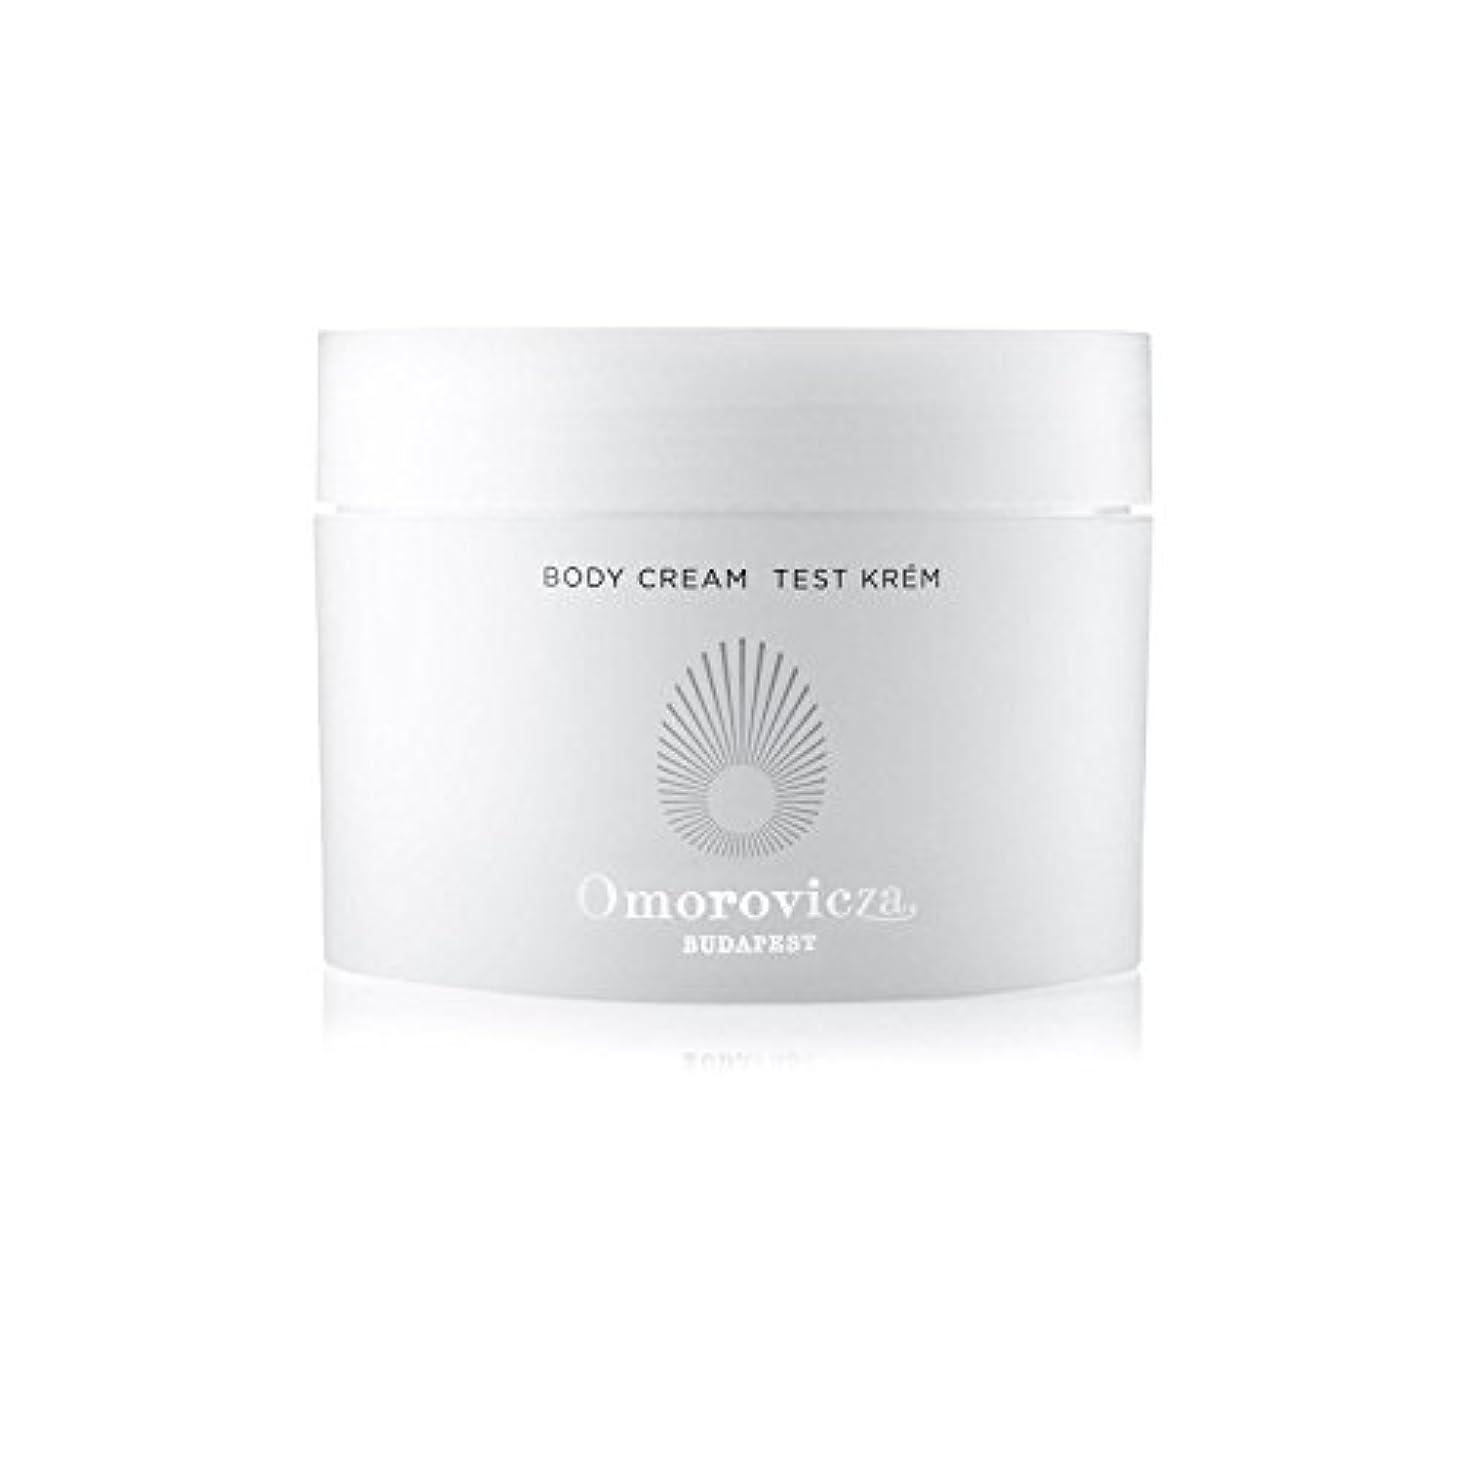 つづり拍車保守可能Omorovicza Body Cream (200ml) (Pack of 6) - ボディクリーム(200ミリリットル) x6 [並行輸入品]